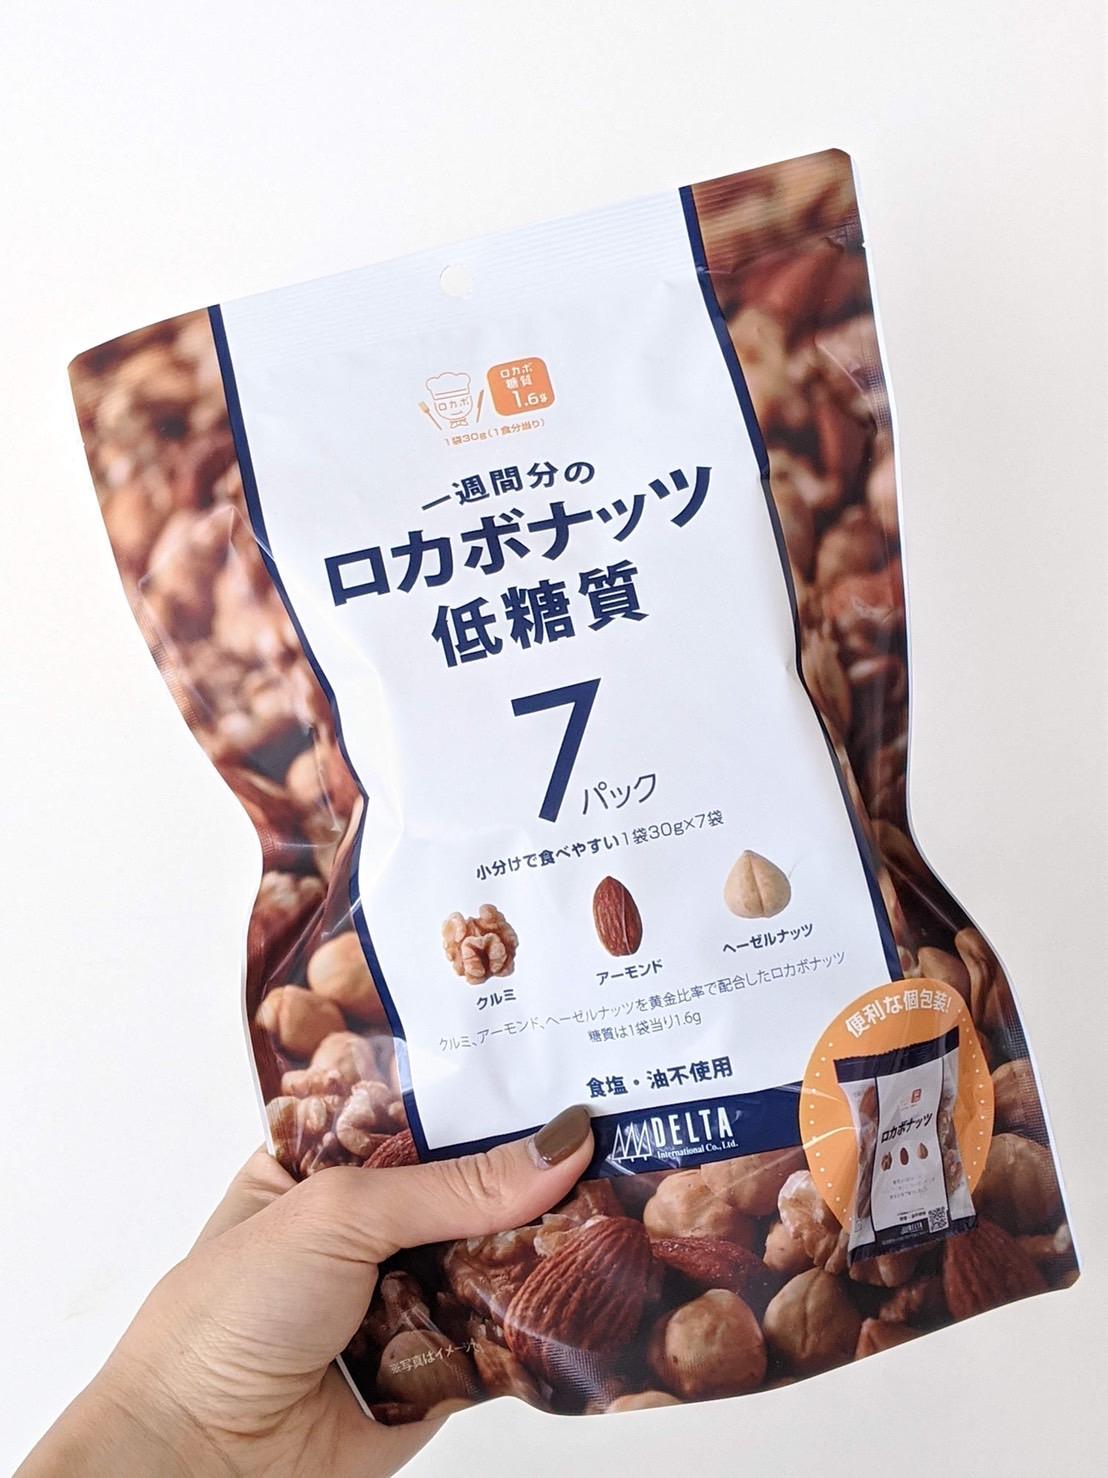 【ナッツ】程よいナッツ本来の甘みが完食には丁度良い!噛み応えもあり、健康面でも良い食材なのでオススメです。